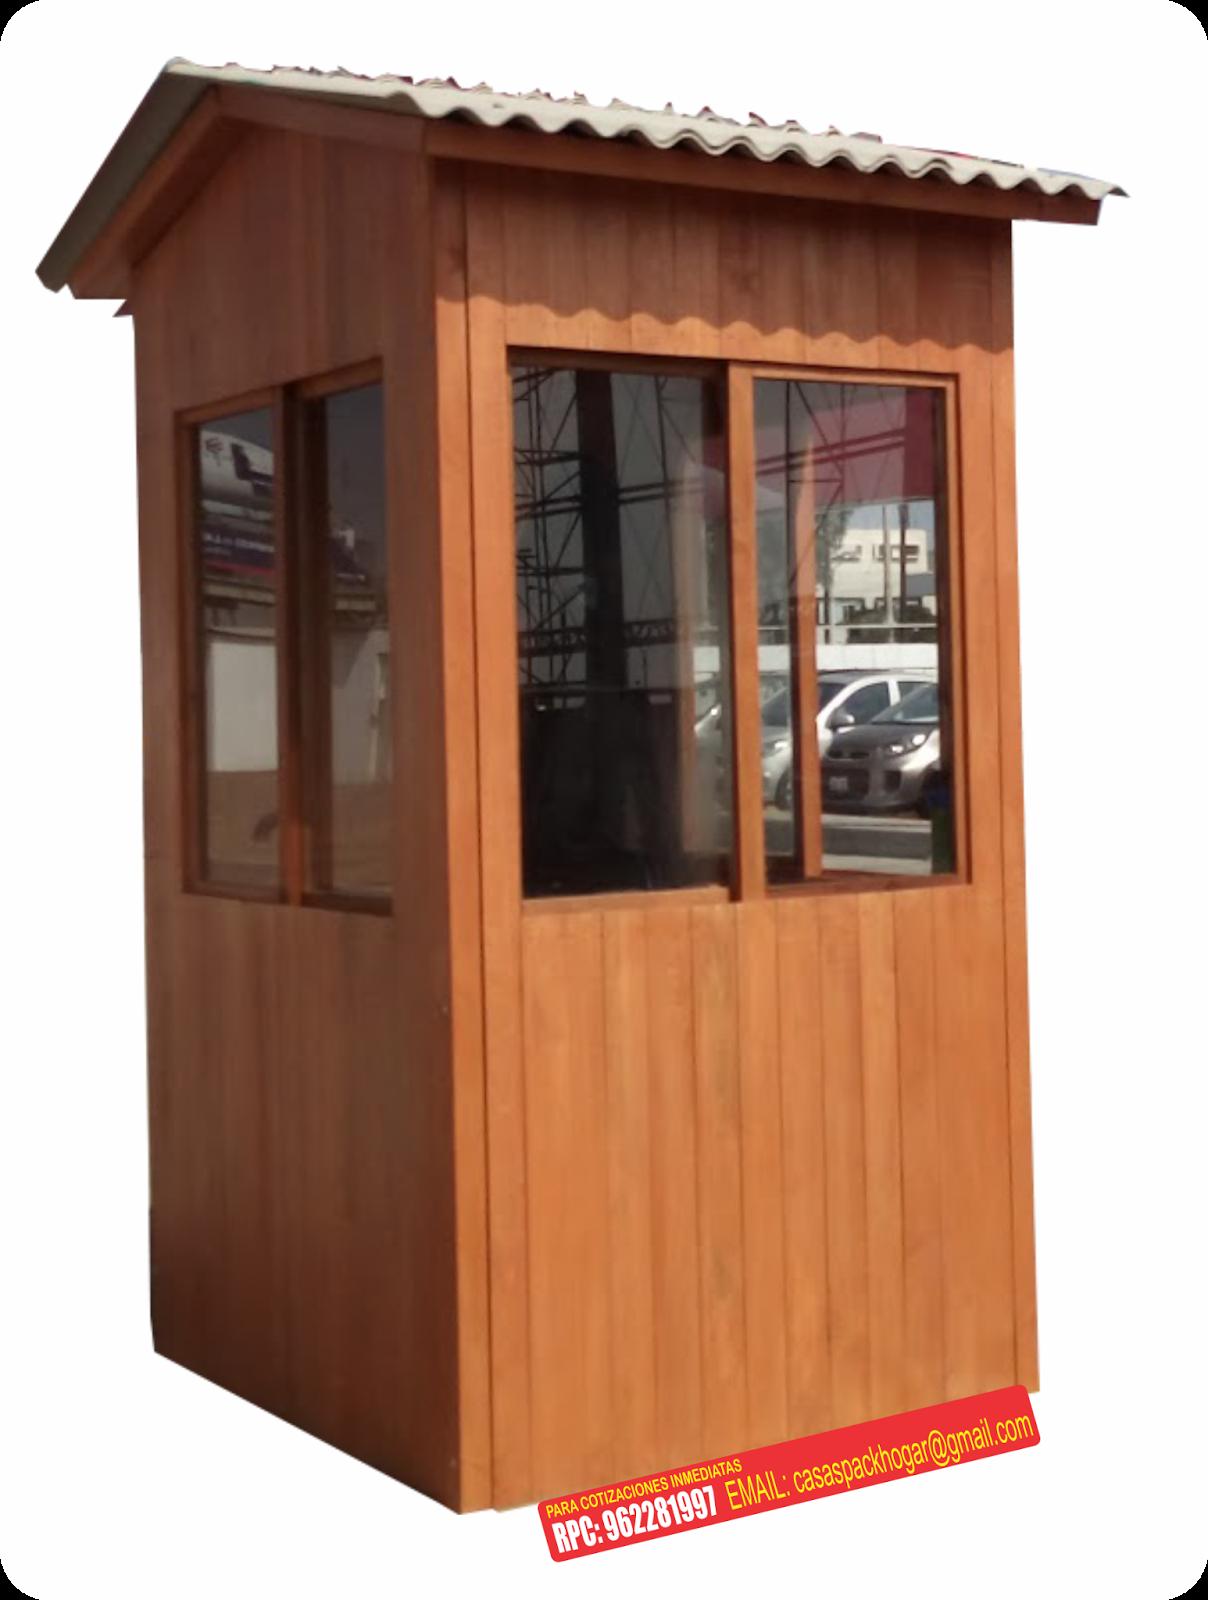 Casetas de vigilancia y seguridad en santiago de surco for Precio de casetas